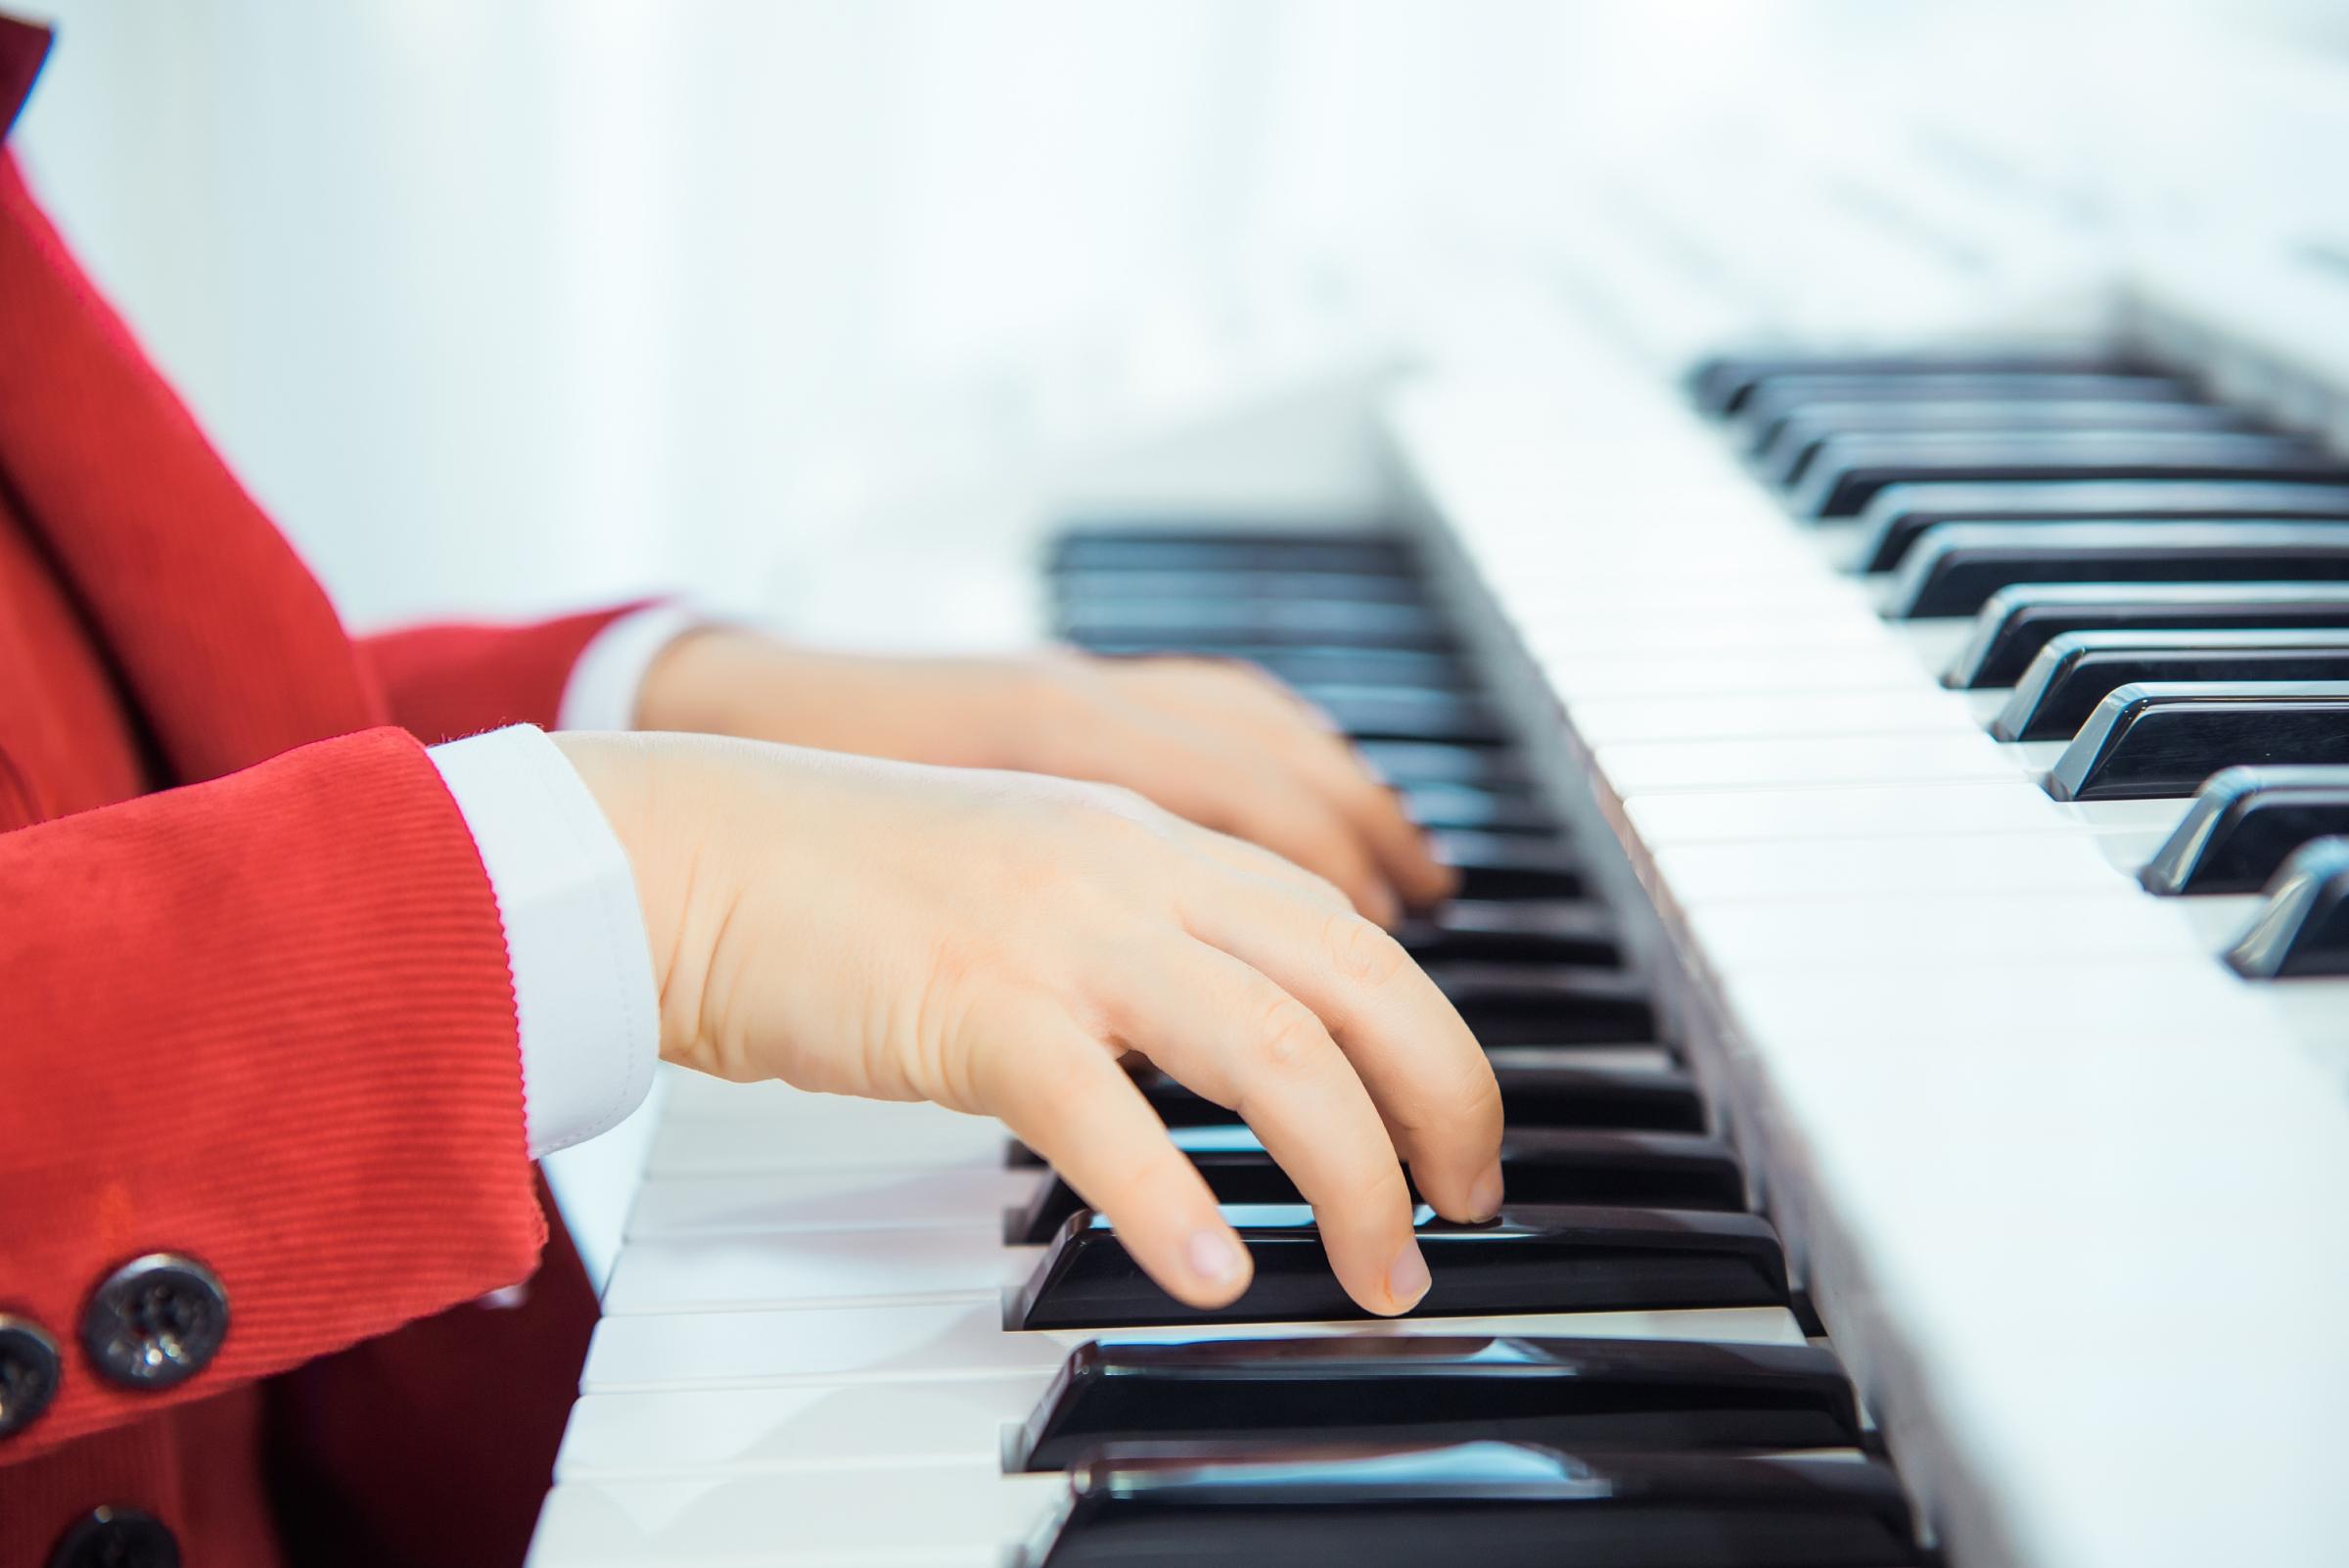 学琴过程中,如何进行正确的发力和放松?